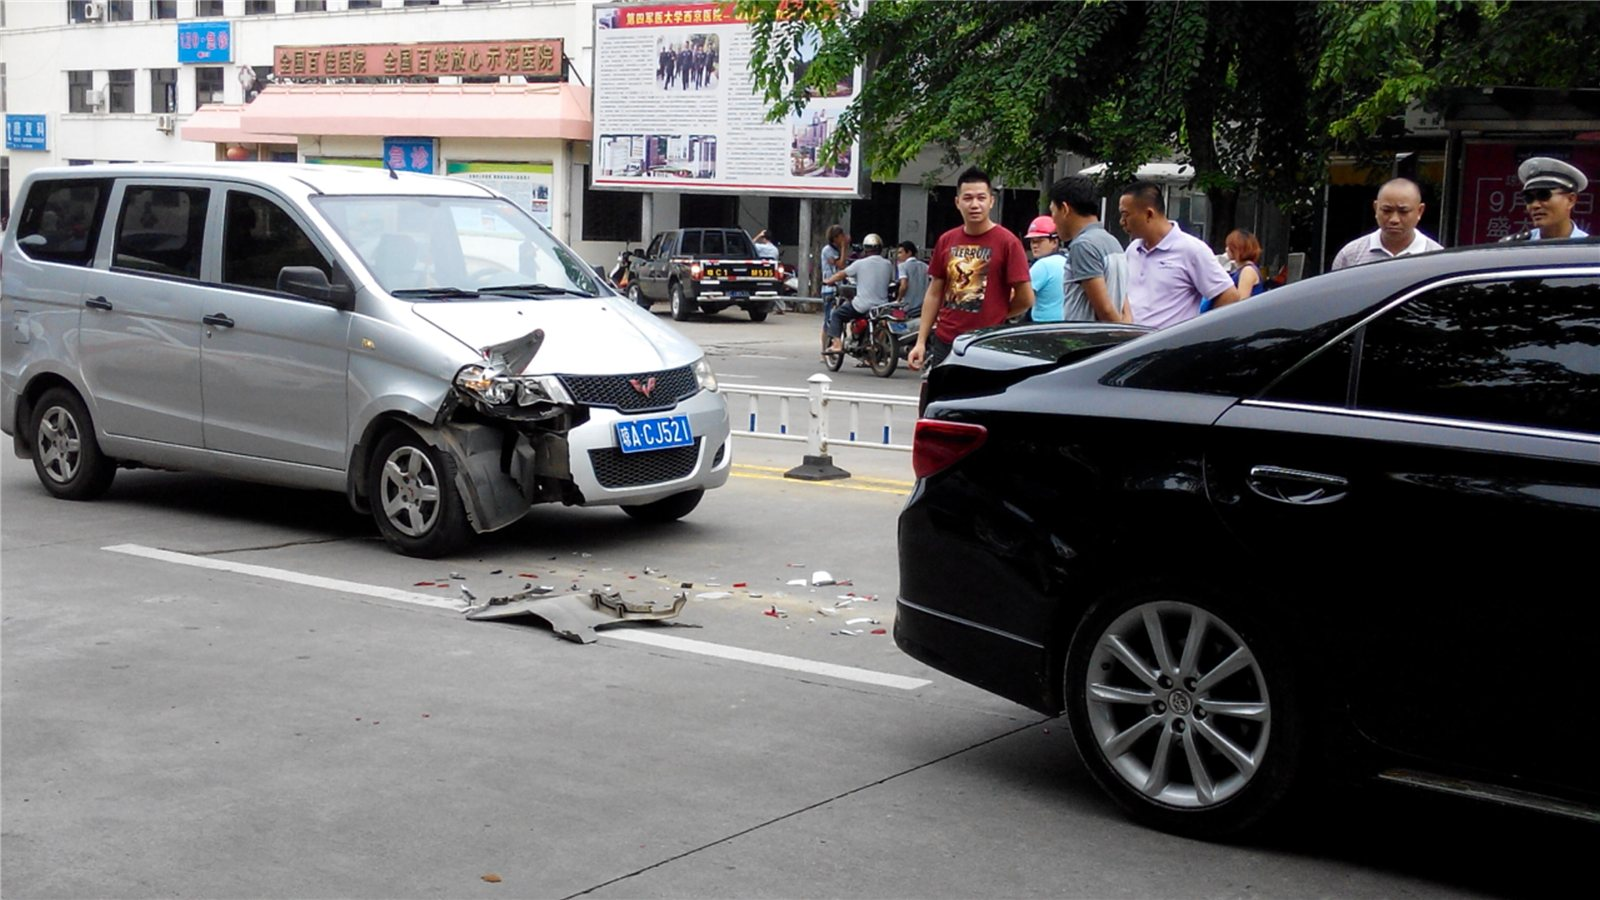 路边新闻 市医院门前发生汽车追尾事故 图高清图片